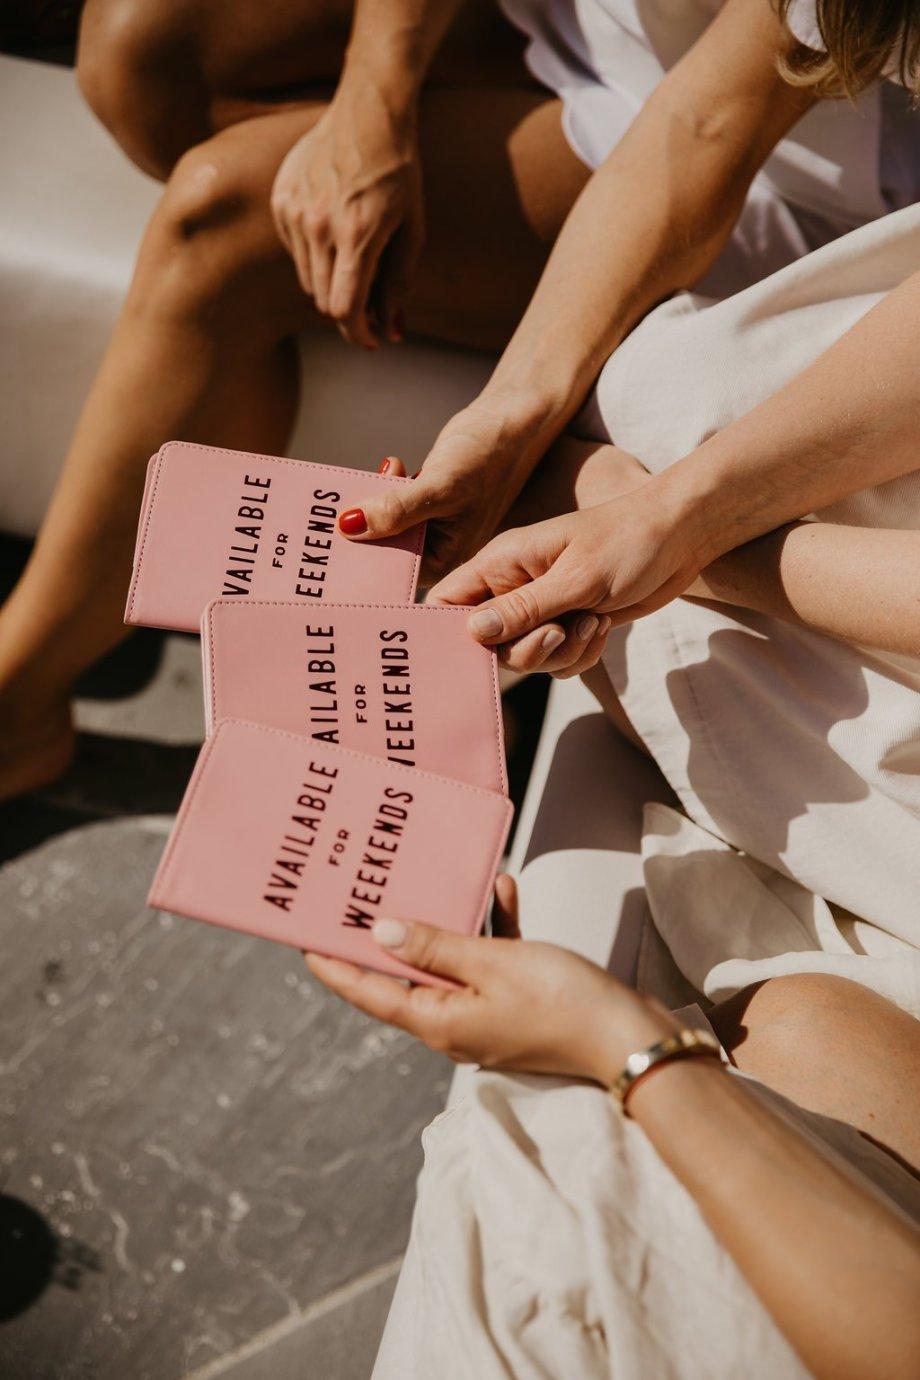 Sommer Editorial Shooting Die Macherei, fotografiert von Patrick Langwallner . Models Vera Doppler, Magdalena Hüthmair, Nina Wrodnigg von You Rock My Life. Die Macherei